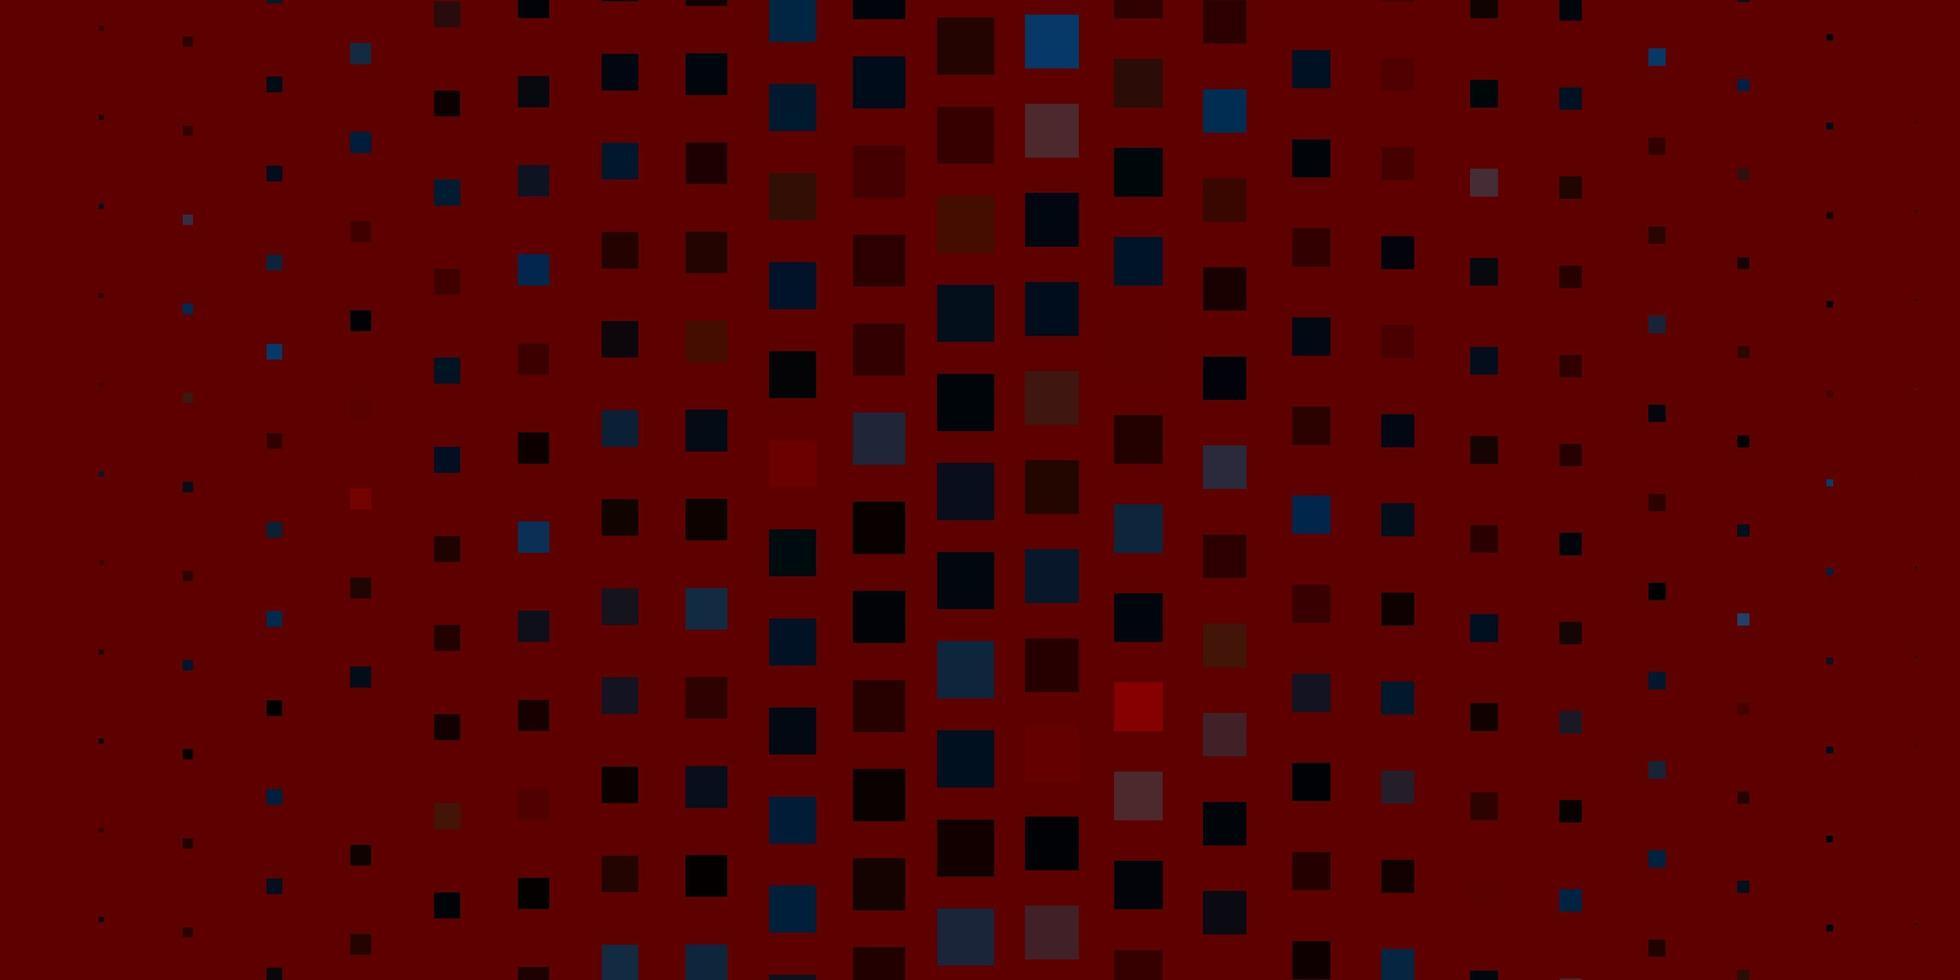 röd bakgrund med rektanglar. vektor